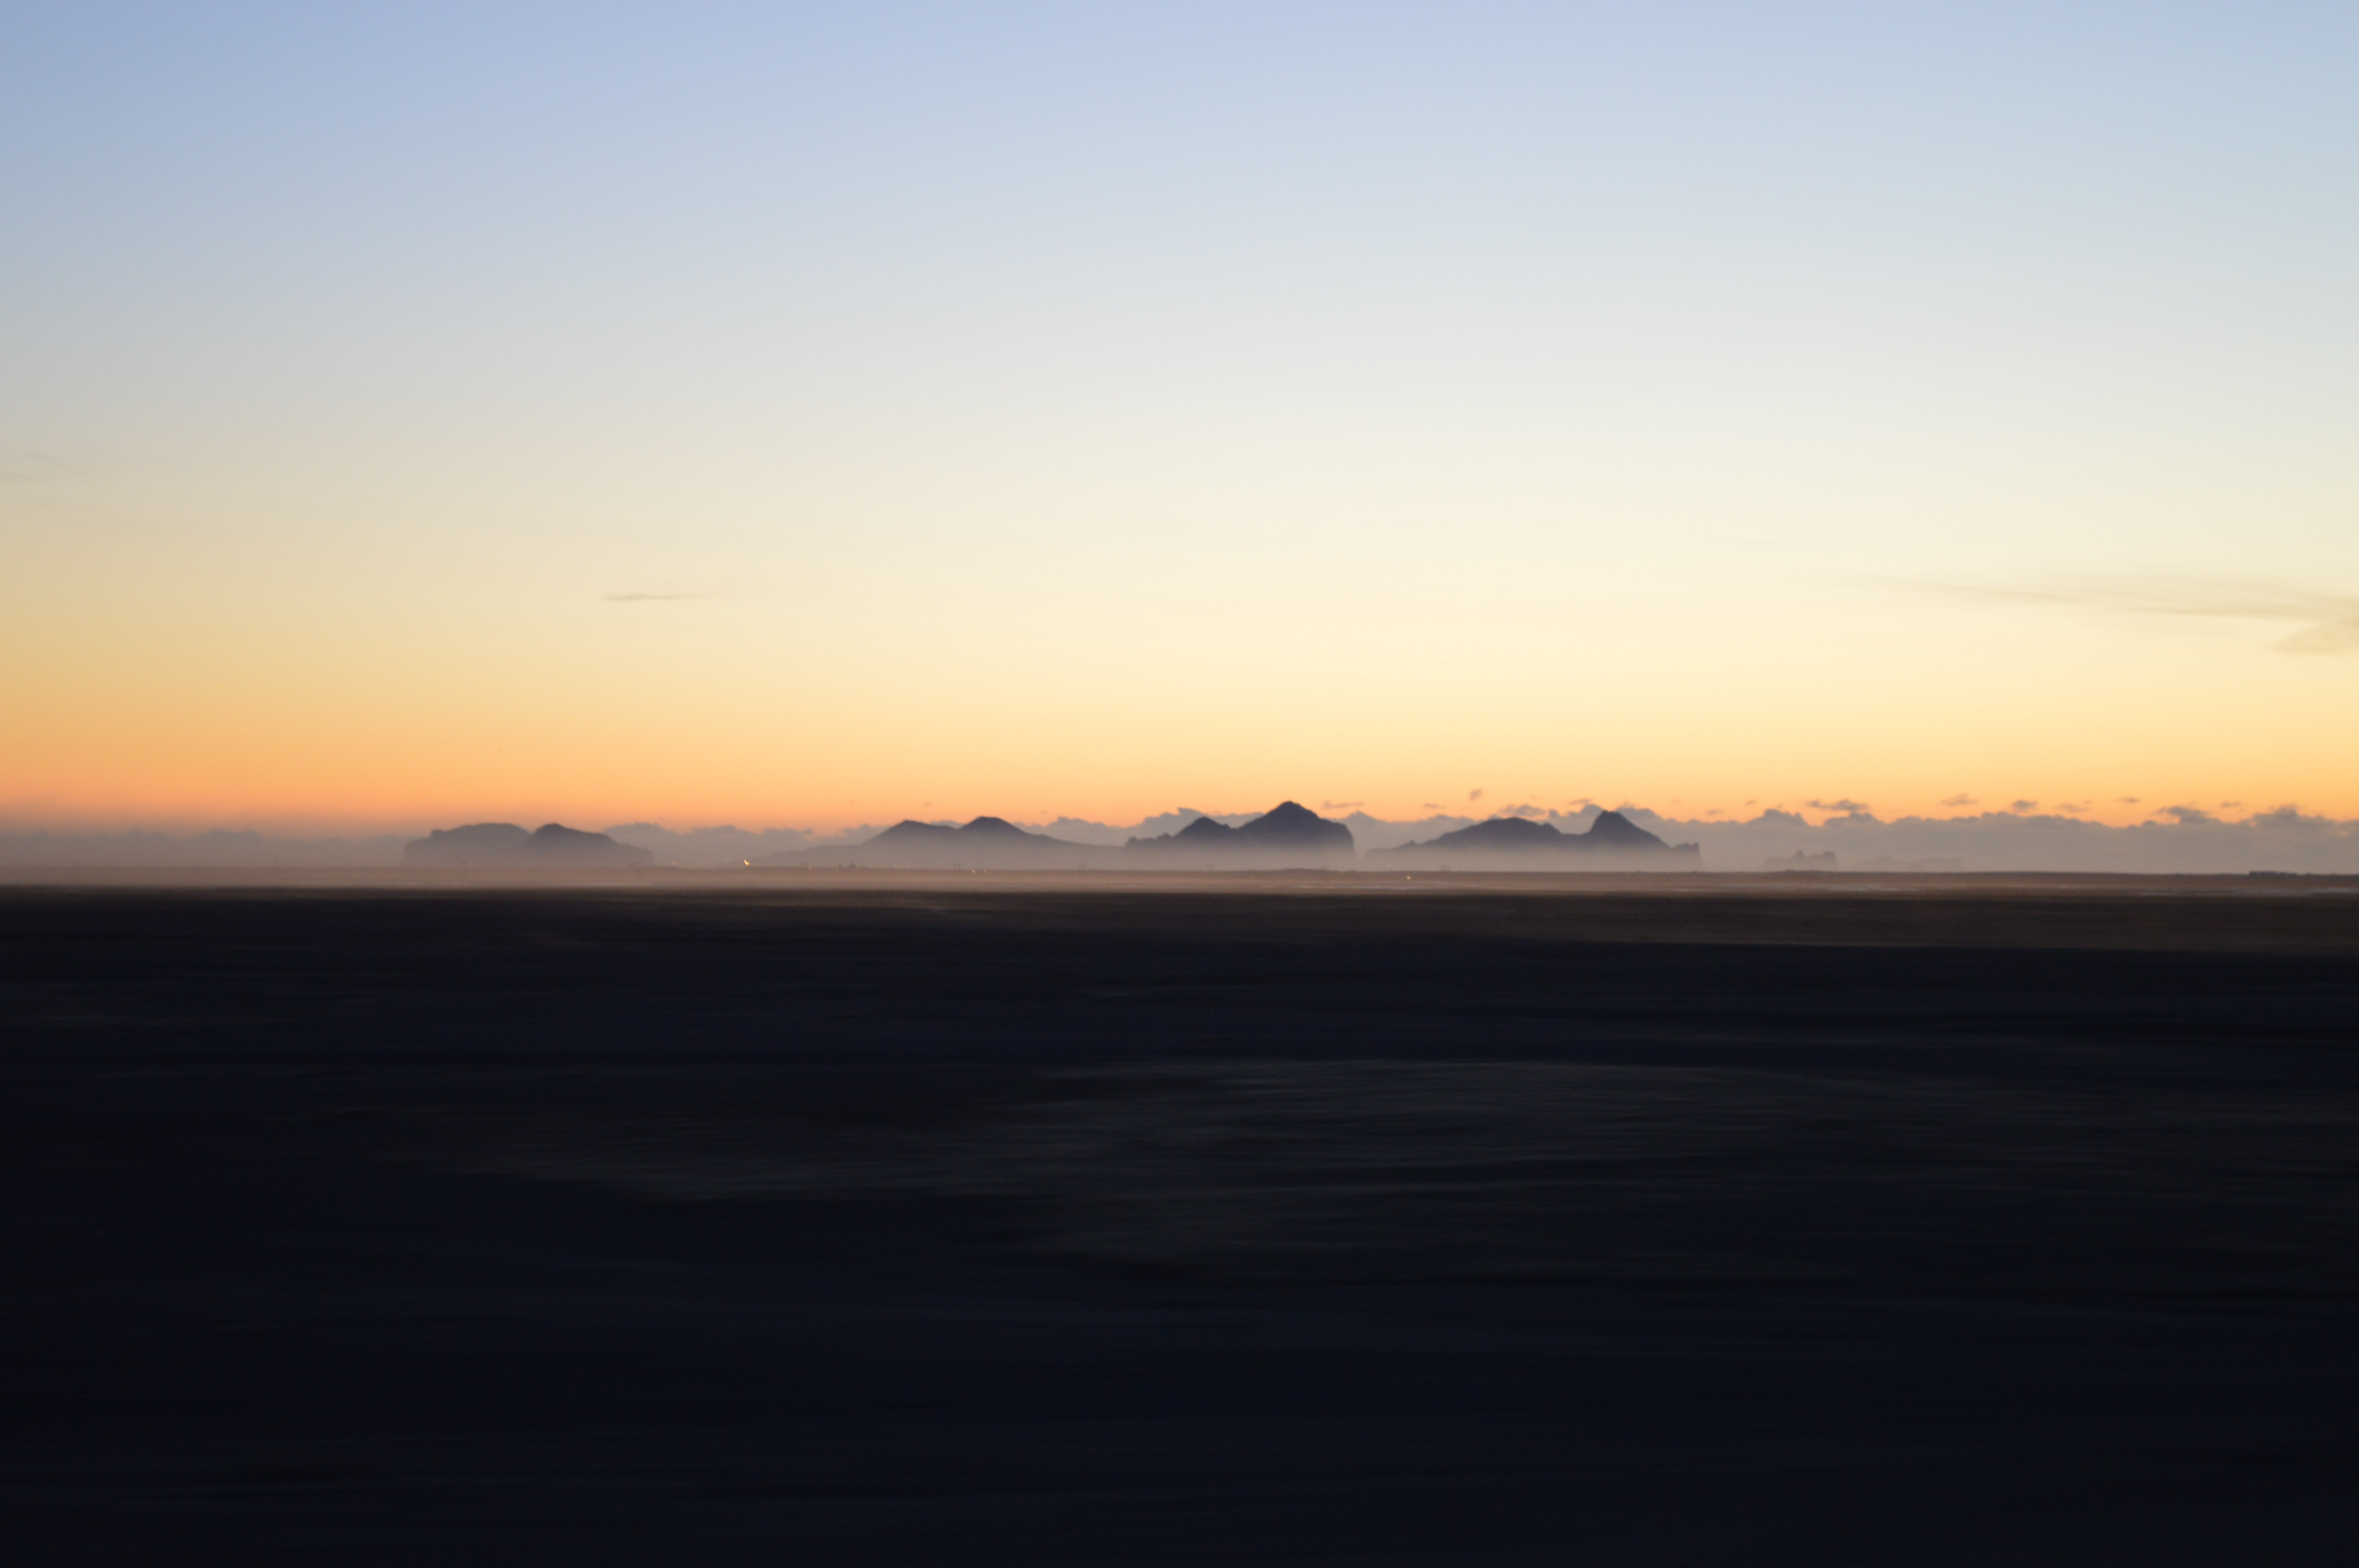 desert taken during golden hour